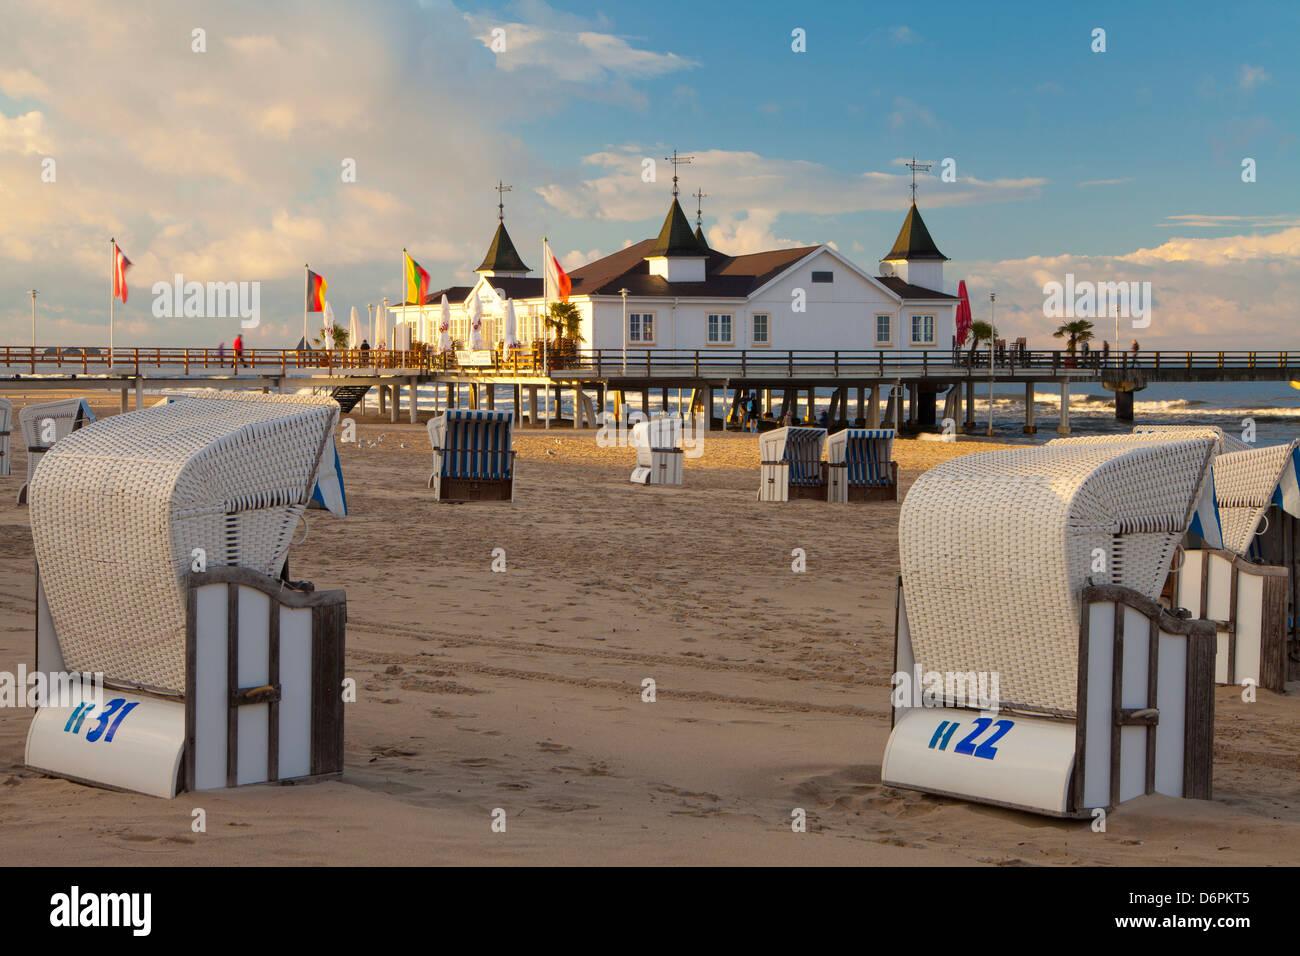 Strandkörbe und dem alten Pier in Ahlbeck auf der Insel Usedom, Ostseeküste, Mecklenburg-Vorpommern, Deutschland, Stockbild